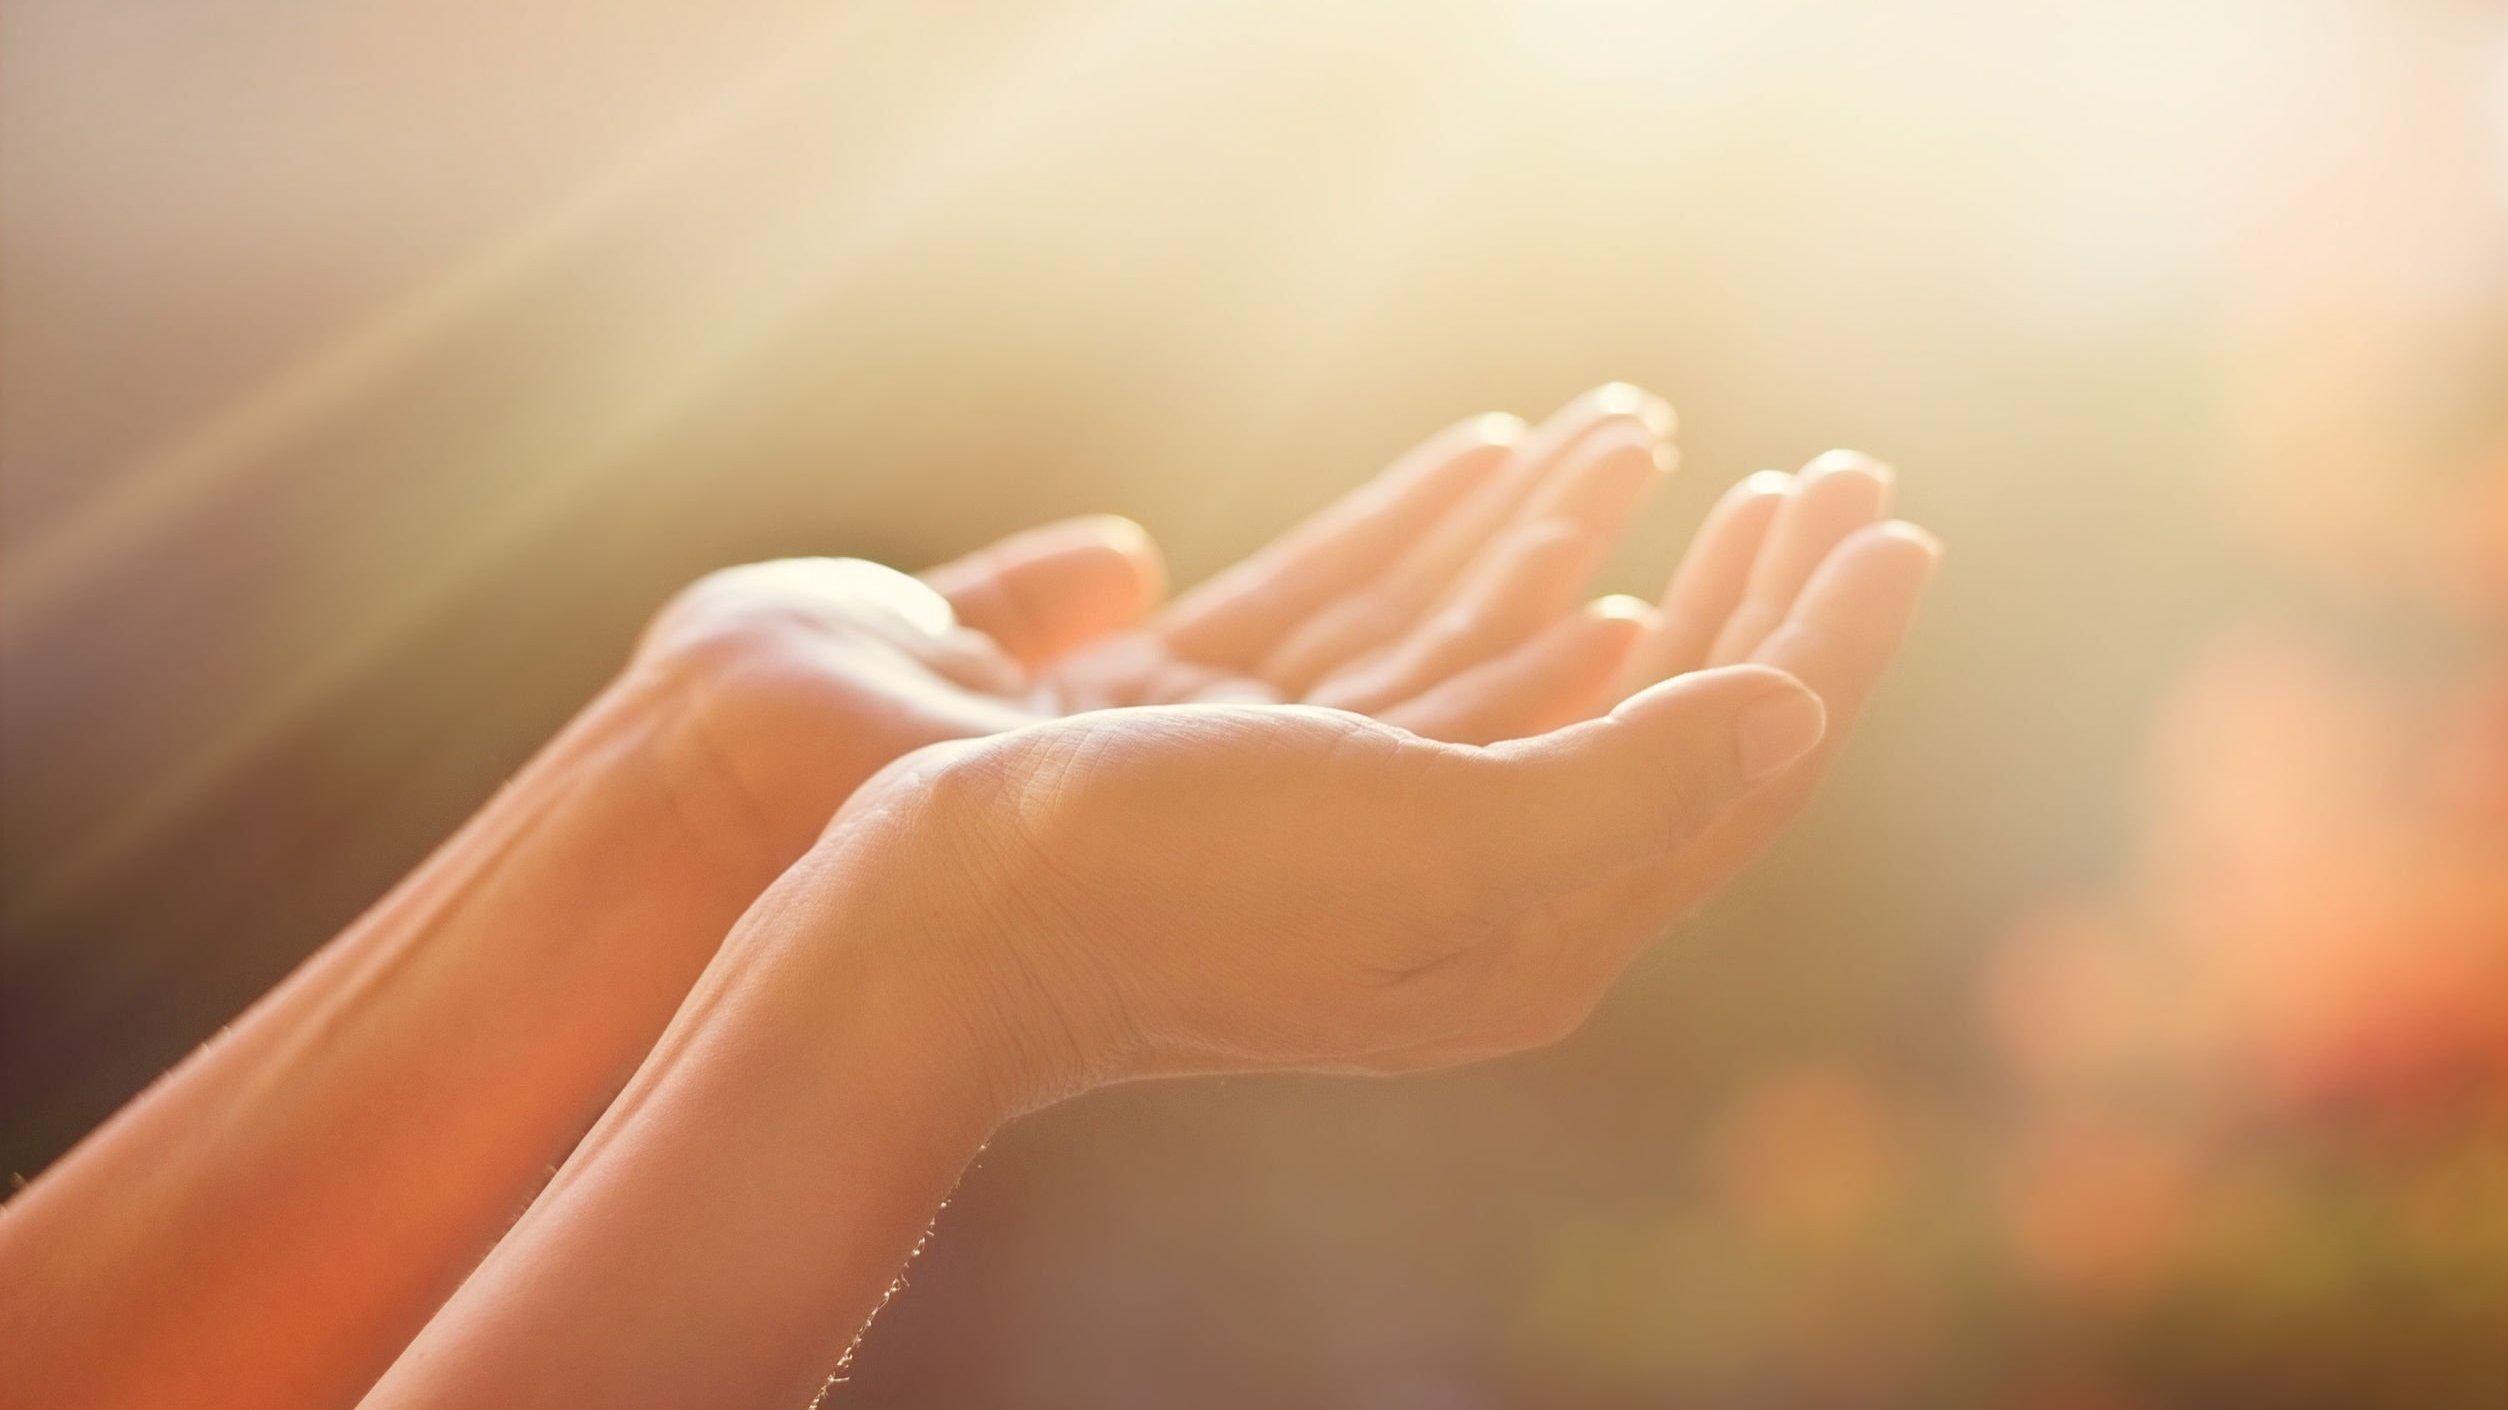 Mãos com as palmas voltadas para cima, sob a luz do sol.